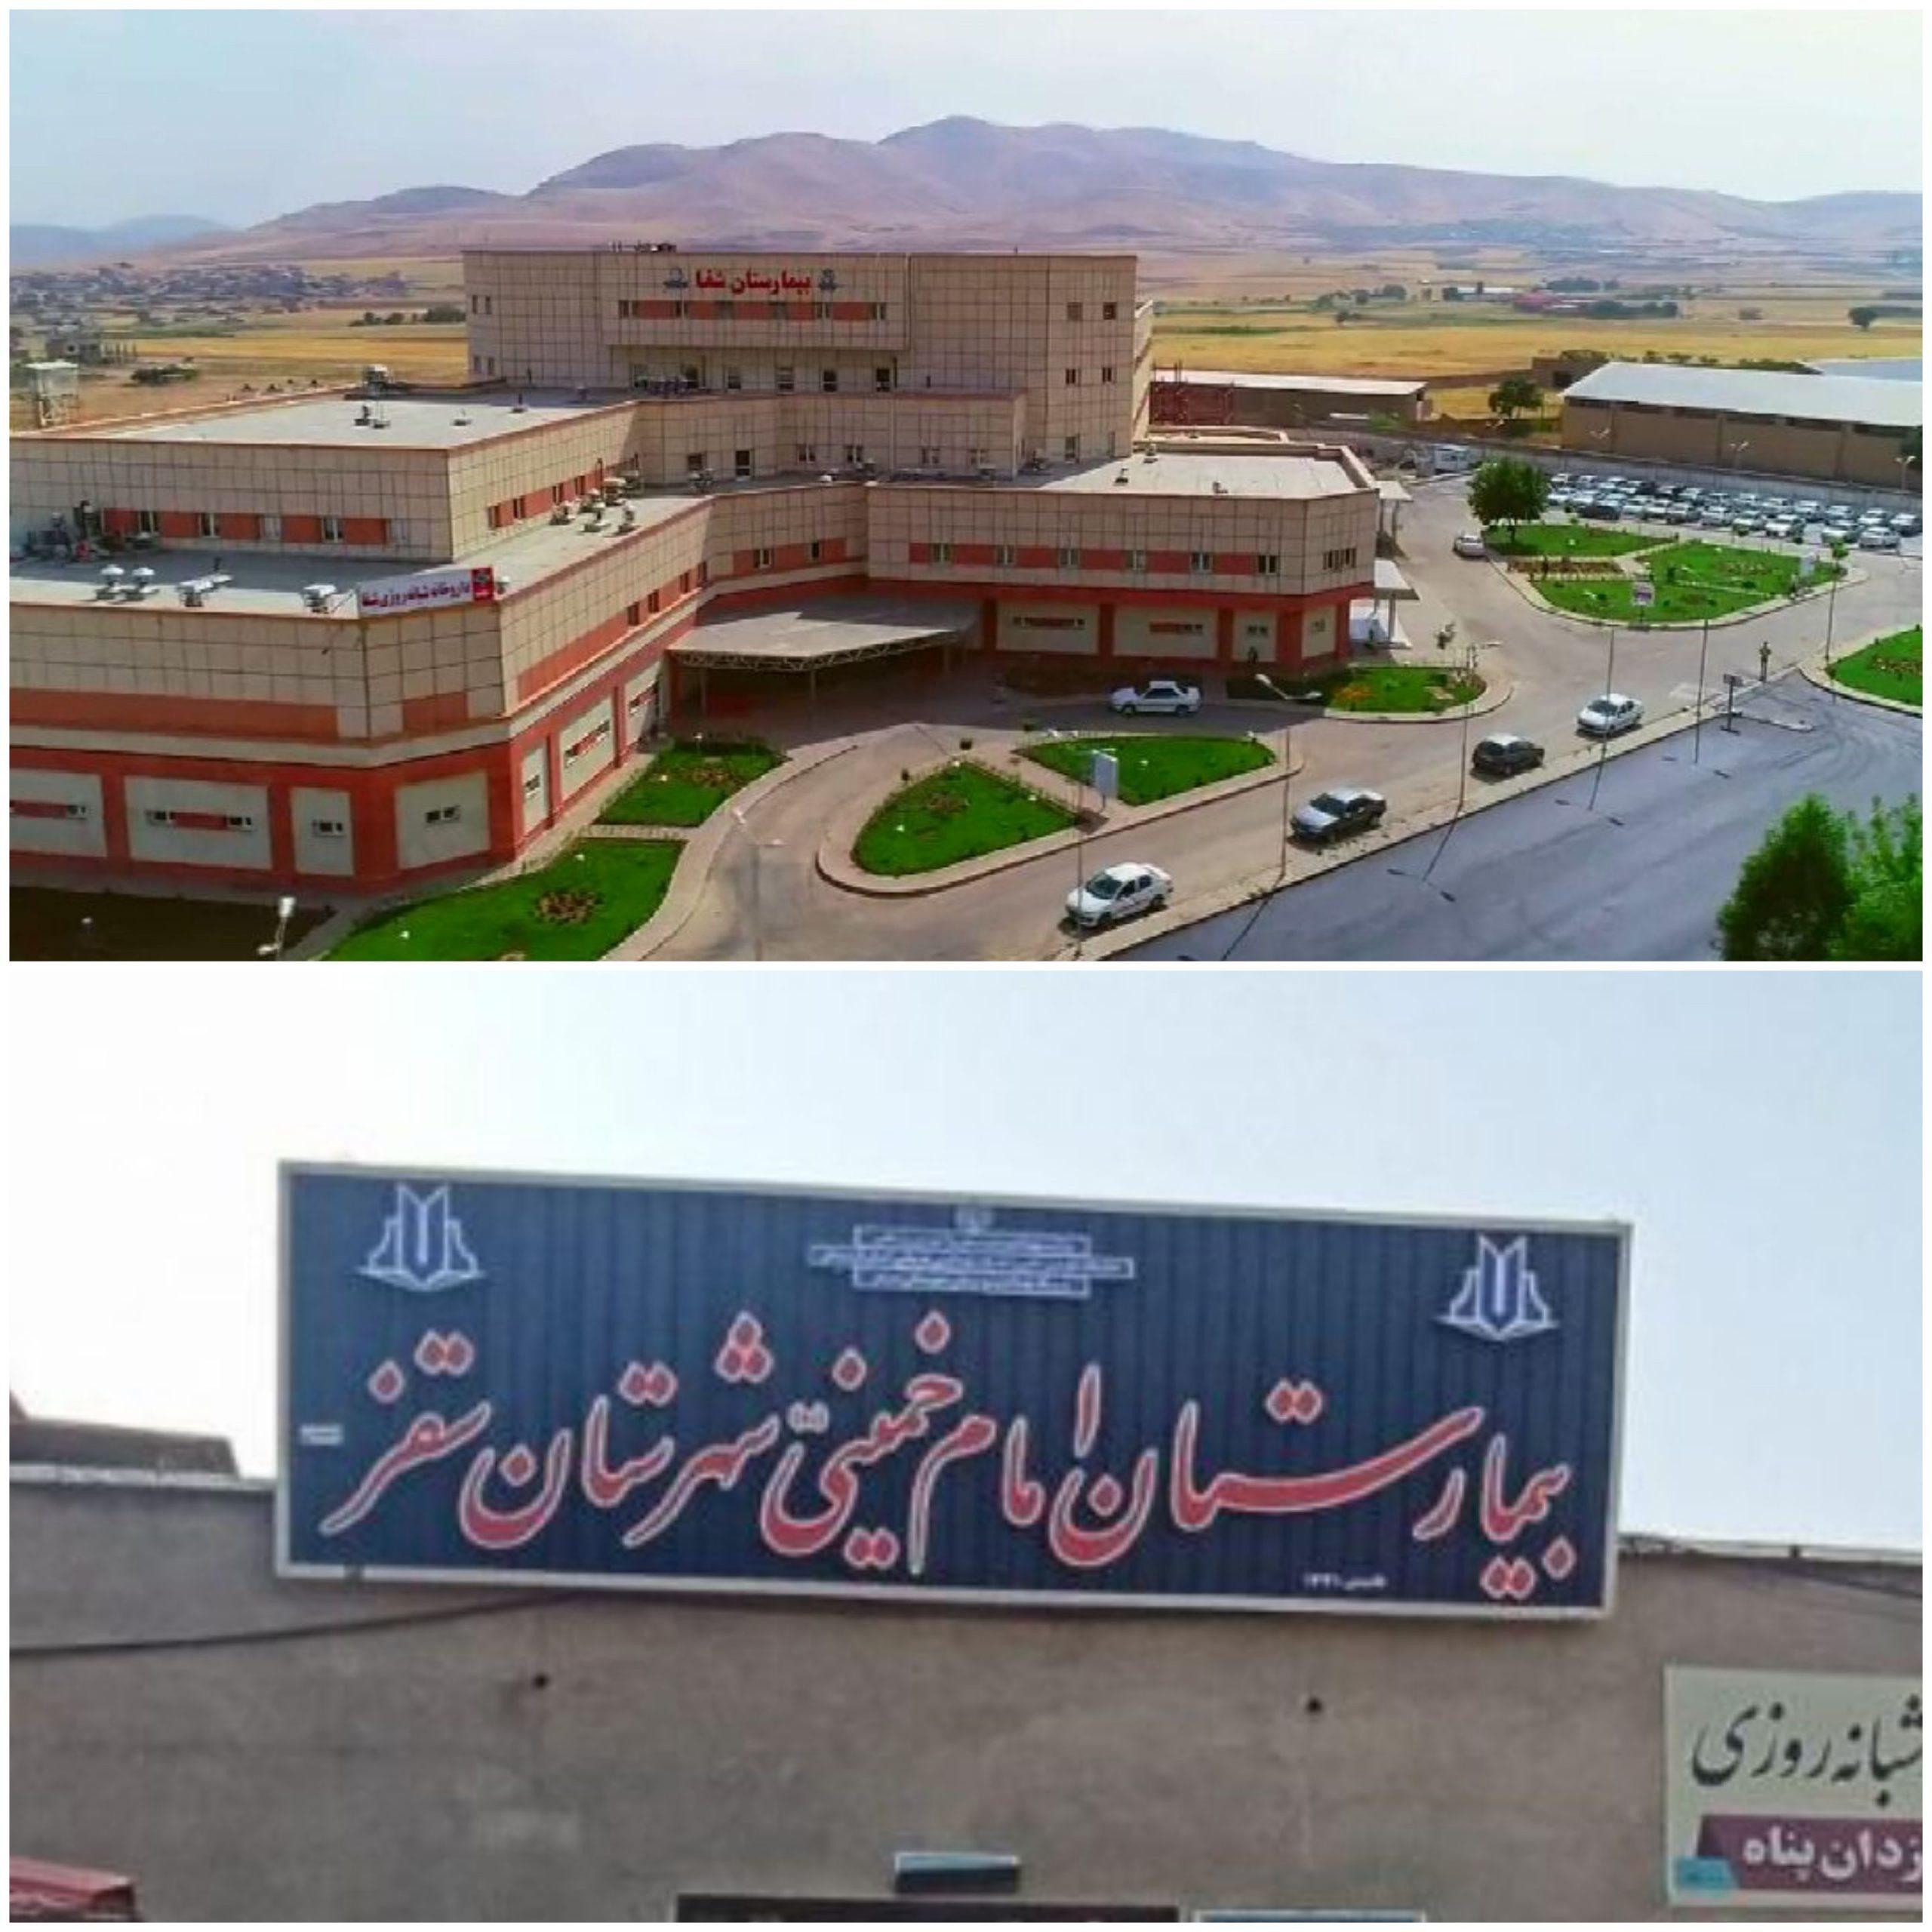 نارضایتی از تصمیمات دوگانه دانشگاه علوم پزشکی برای انتقال بخش هایی از بیمارستان امام به شفا